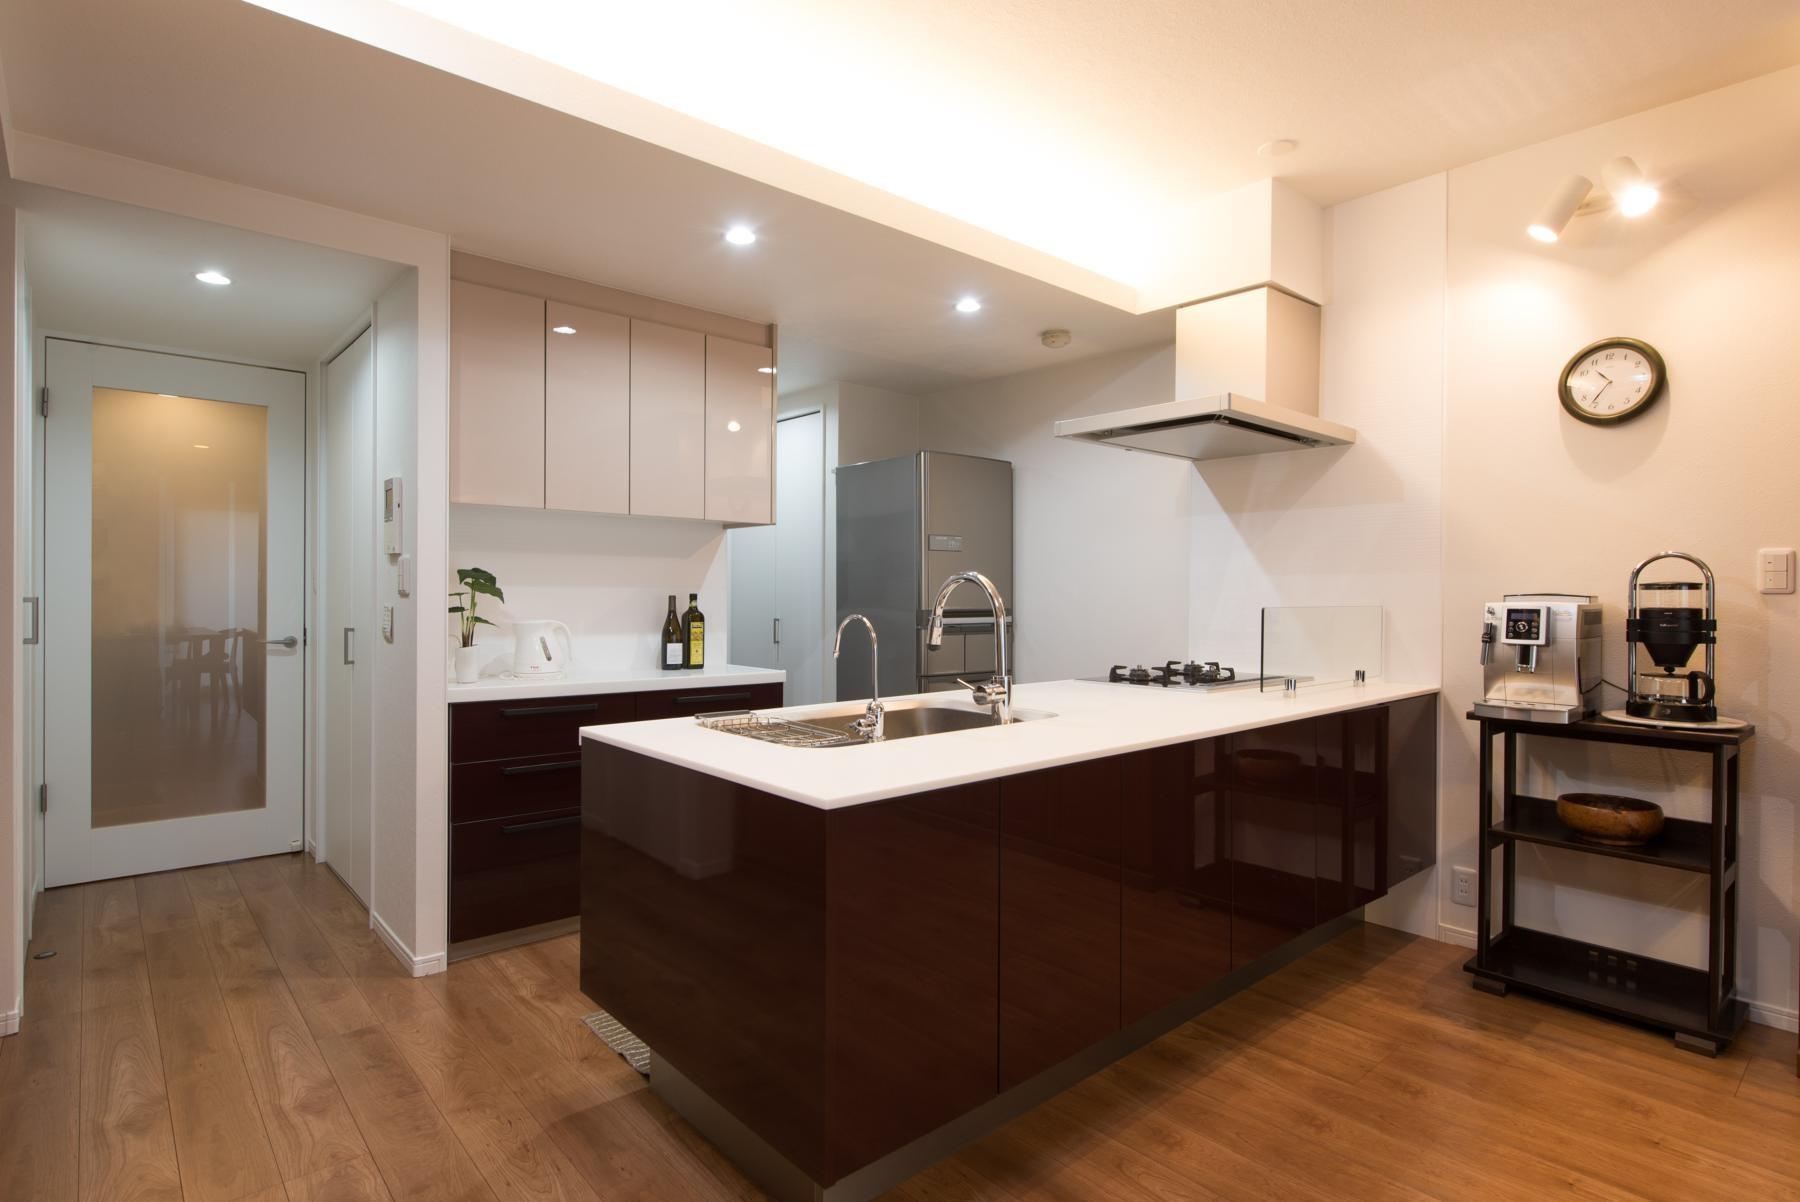 キッチン事例:キッチン(ご夫婦がゆったりくつろげる間取りに全面改装)